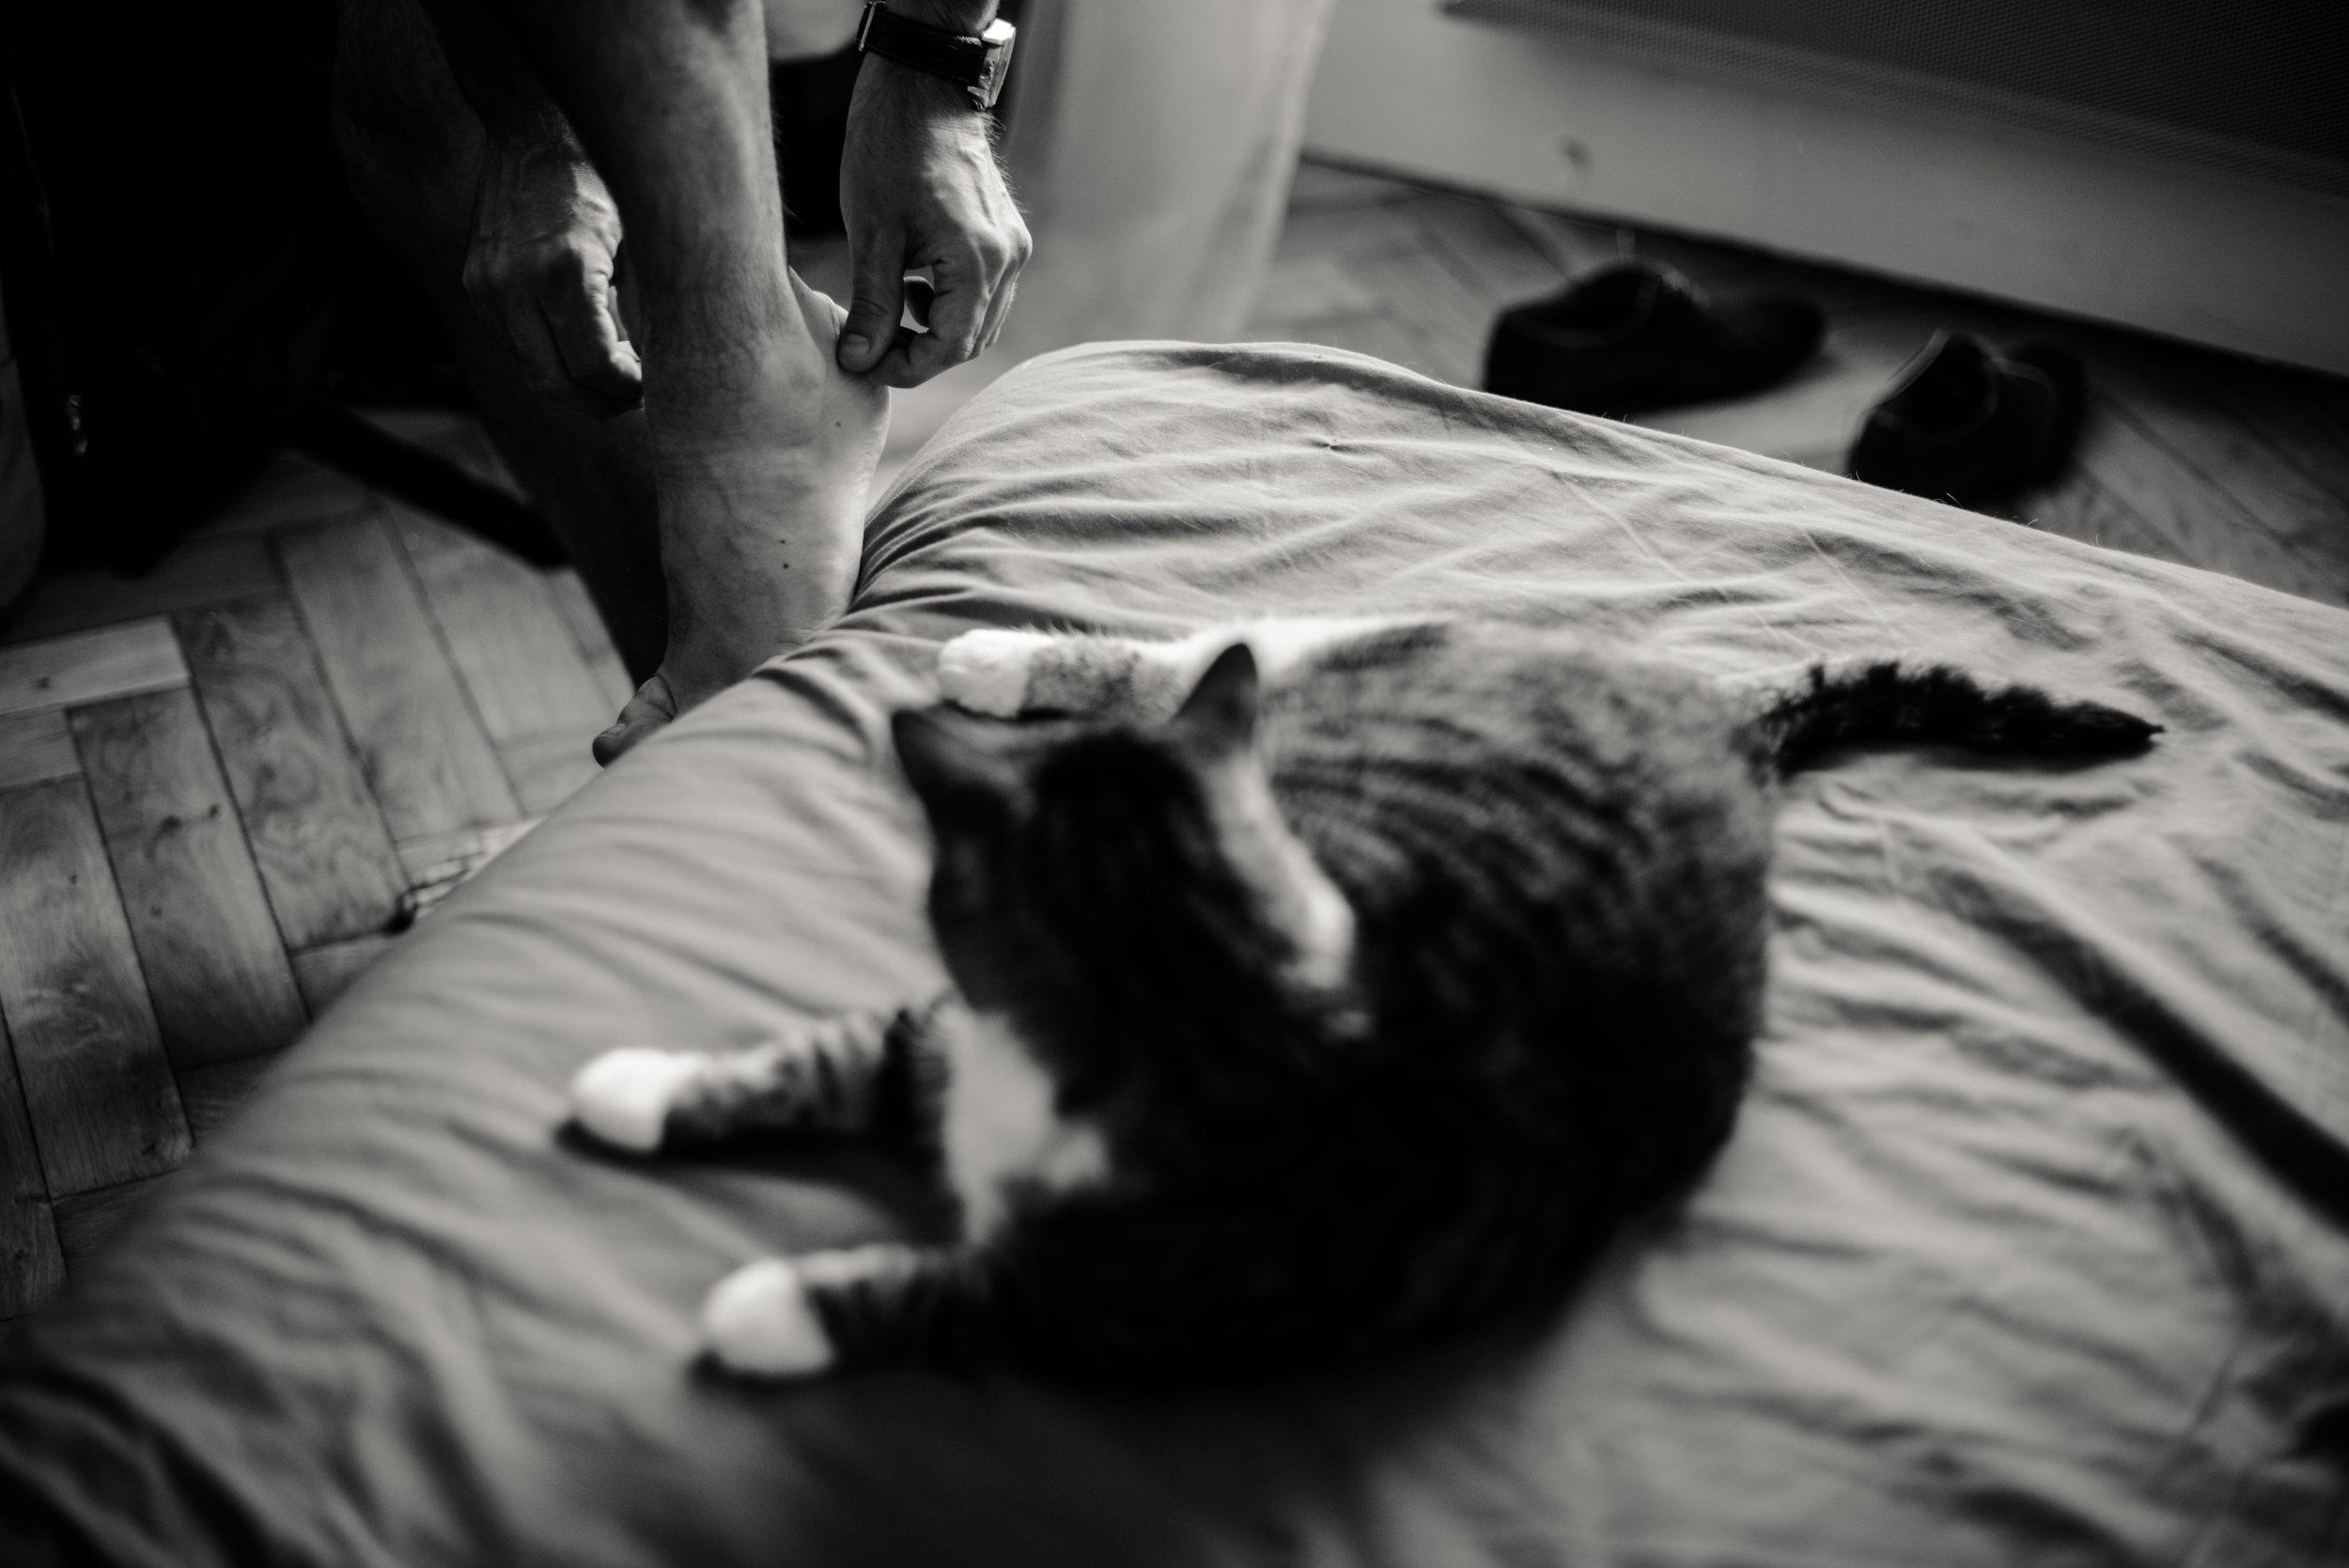 Léa-Fery-photographe-professionnel-lyon-rhone-alpes-portrait-creation-mariage-evenement-evenementiel-famille-7875.jpg